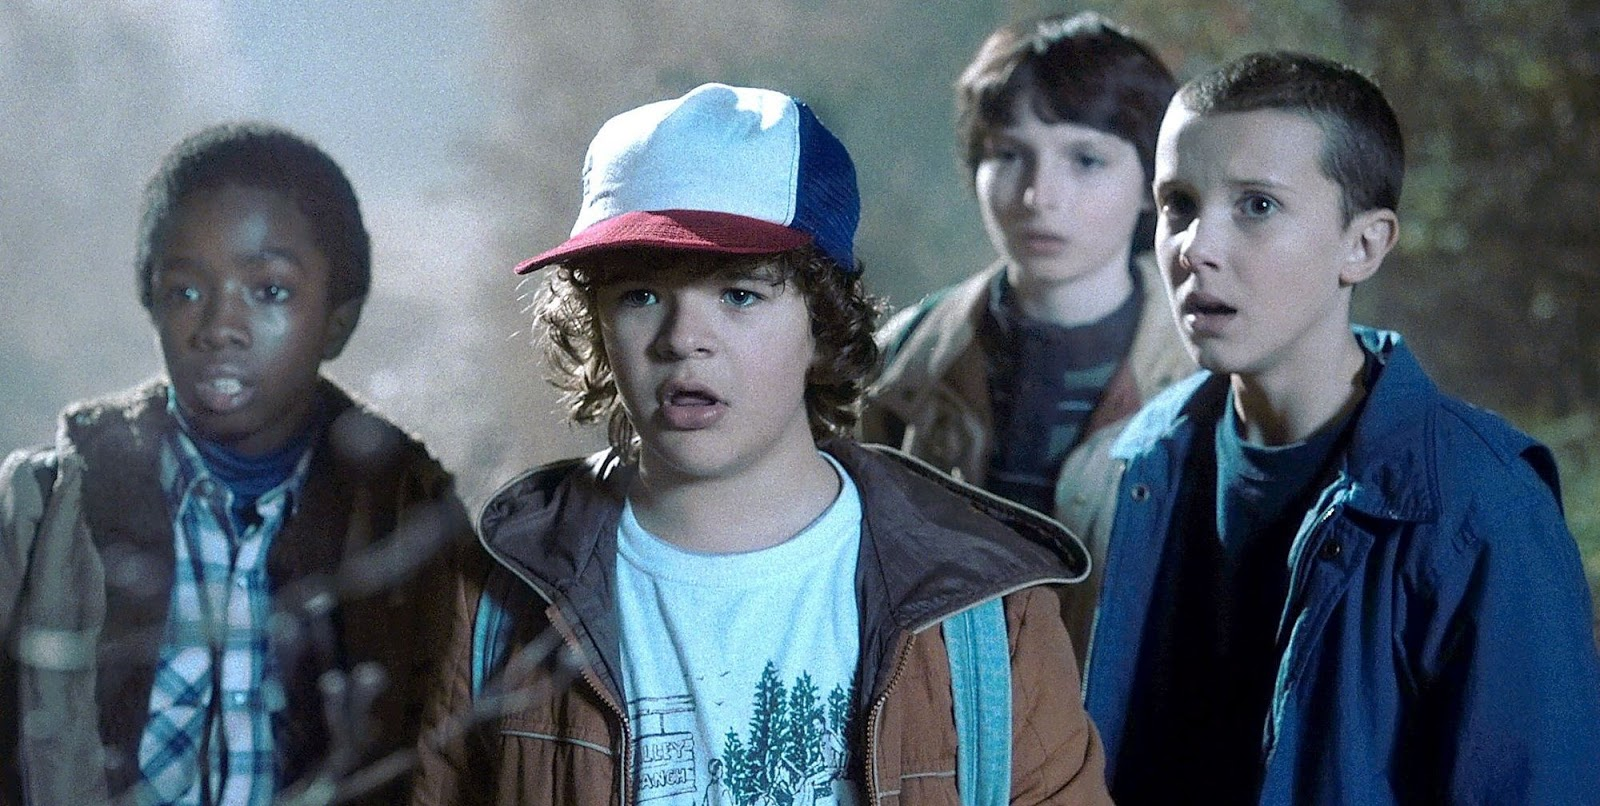 Los niños de Stranger Things durante un episodio de la serie